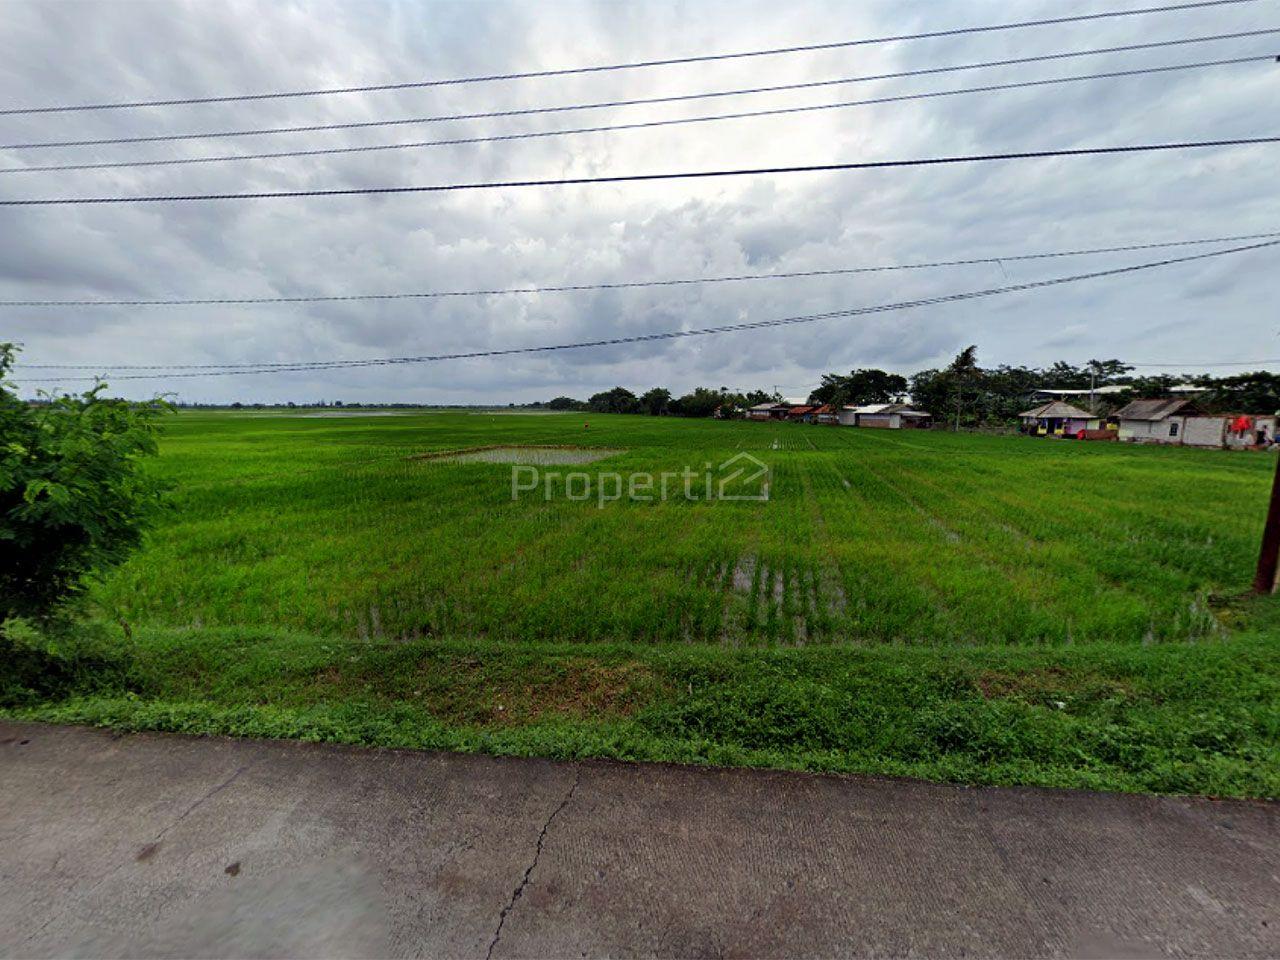 Rice Fields in Sukadarma Village, Jawa Barat